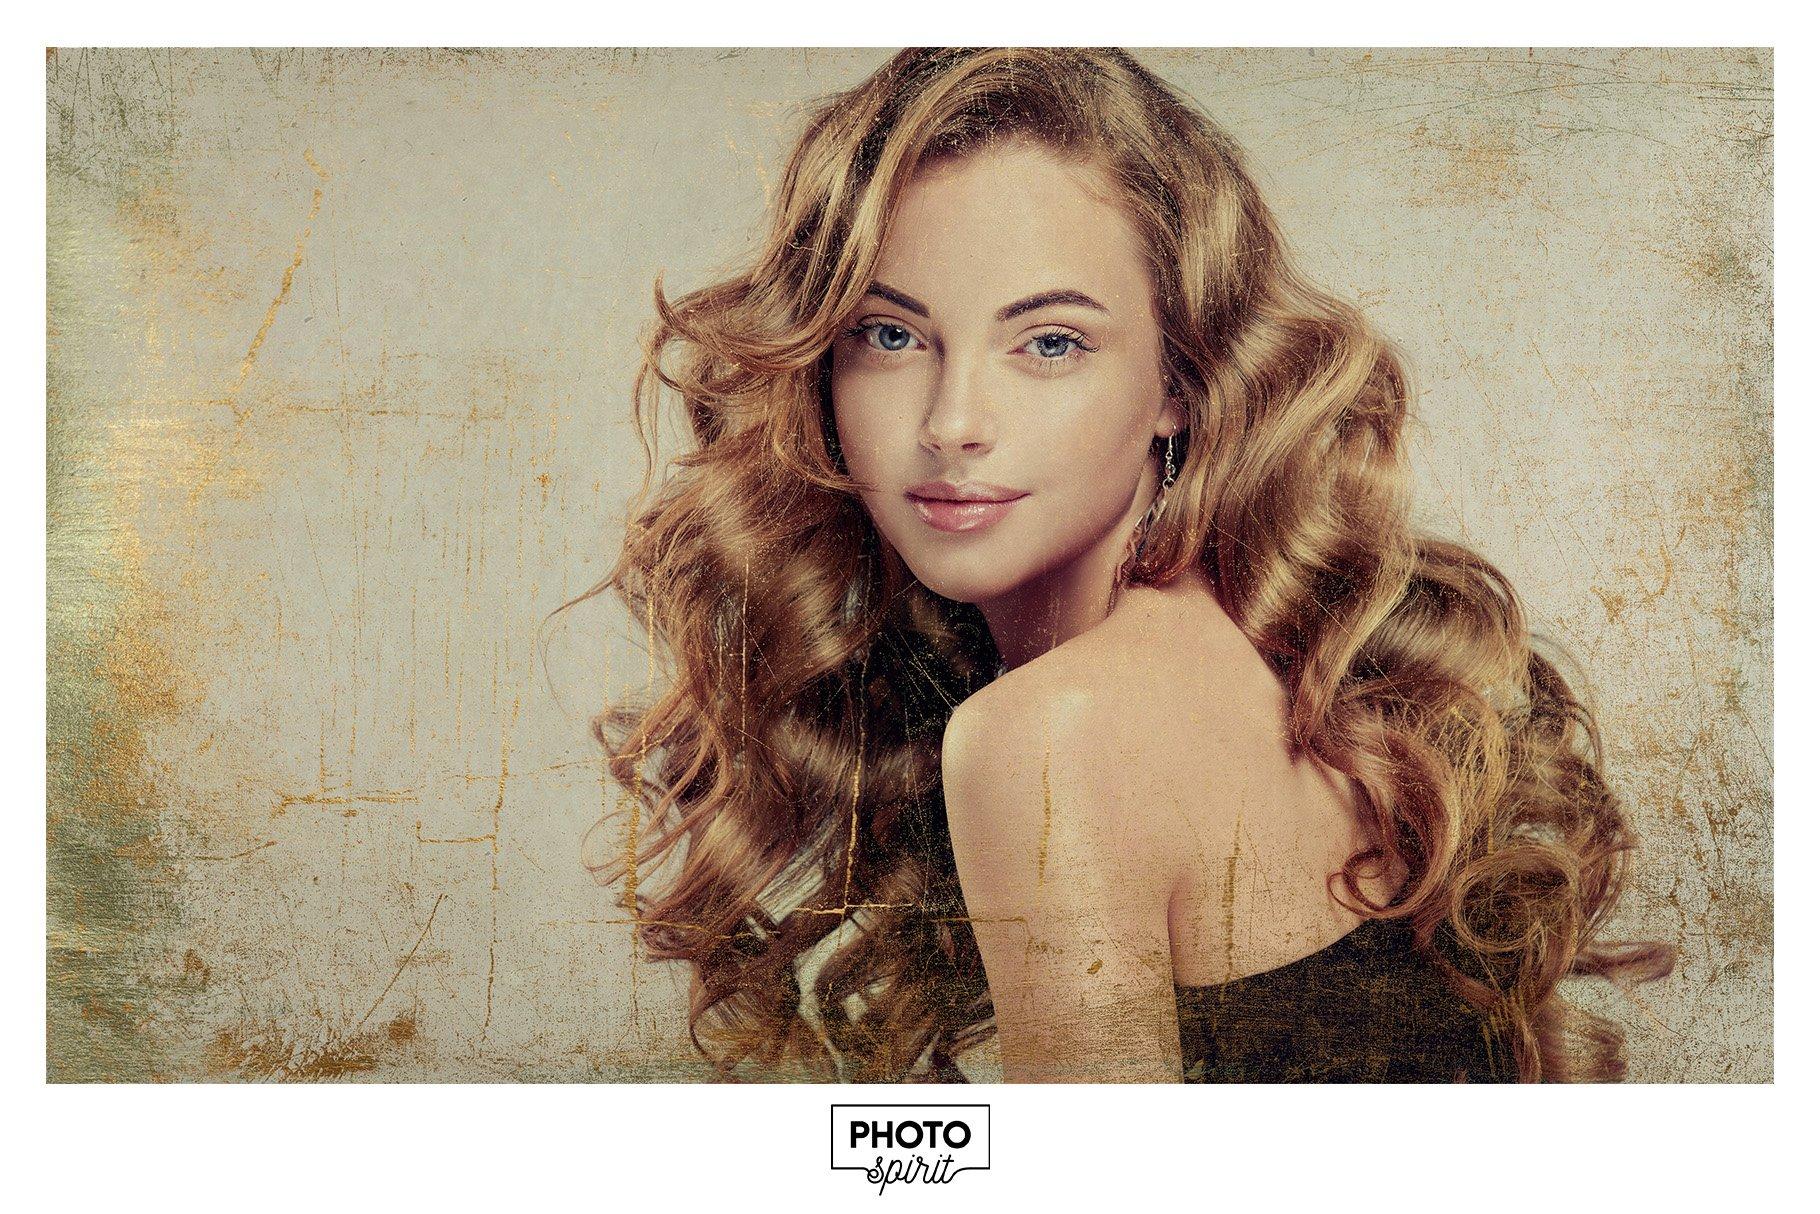 金色光泽铜绿划痕飞溅照片叠加层效果PS素材 Golden Patina Photo Effect插图(6)